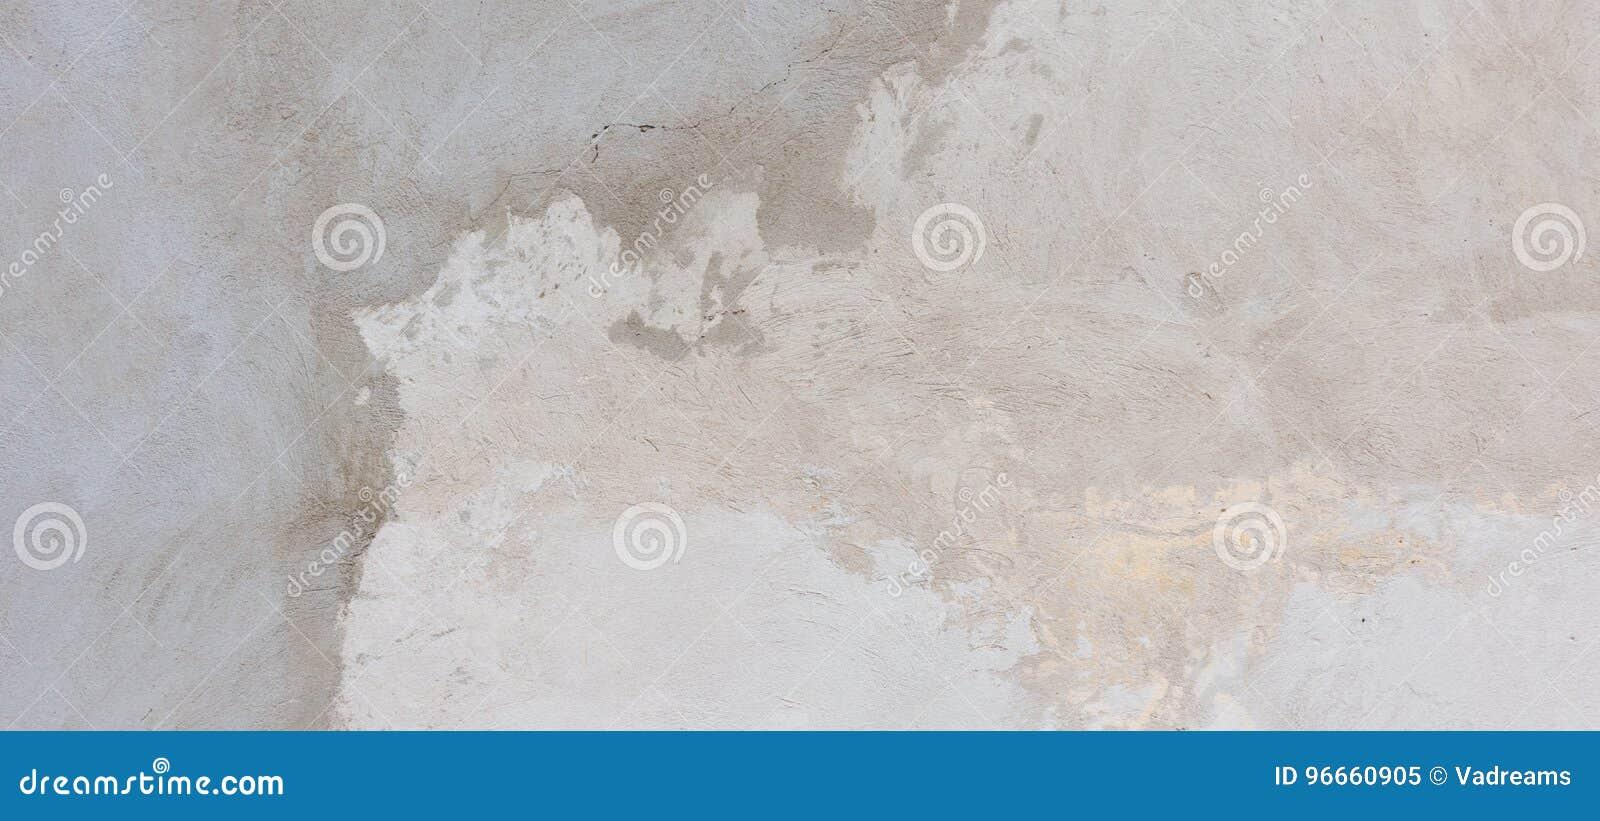 涂灰泥的水泥混凝土墙背景纹理